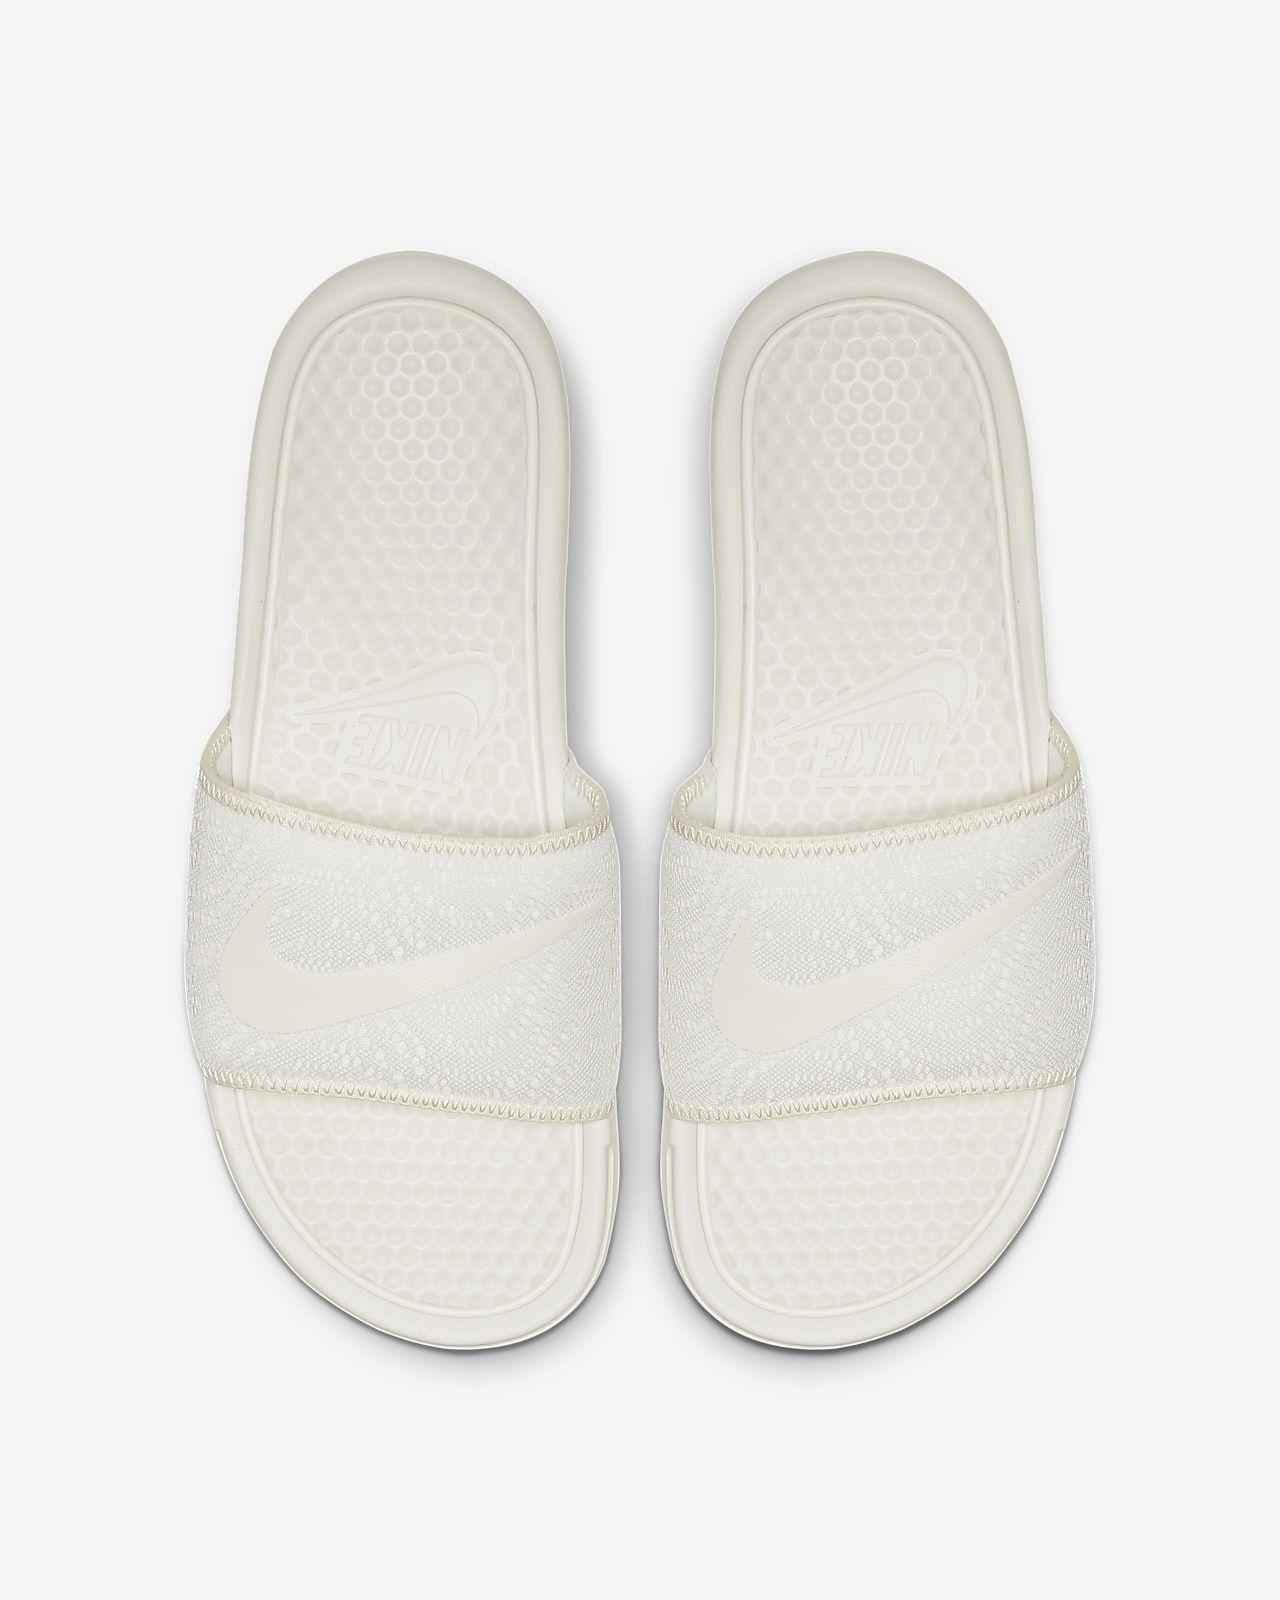 7b73848f0 Nike Benassi JDI TXT SE Women s Slide. Nike.com NO